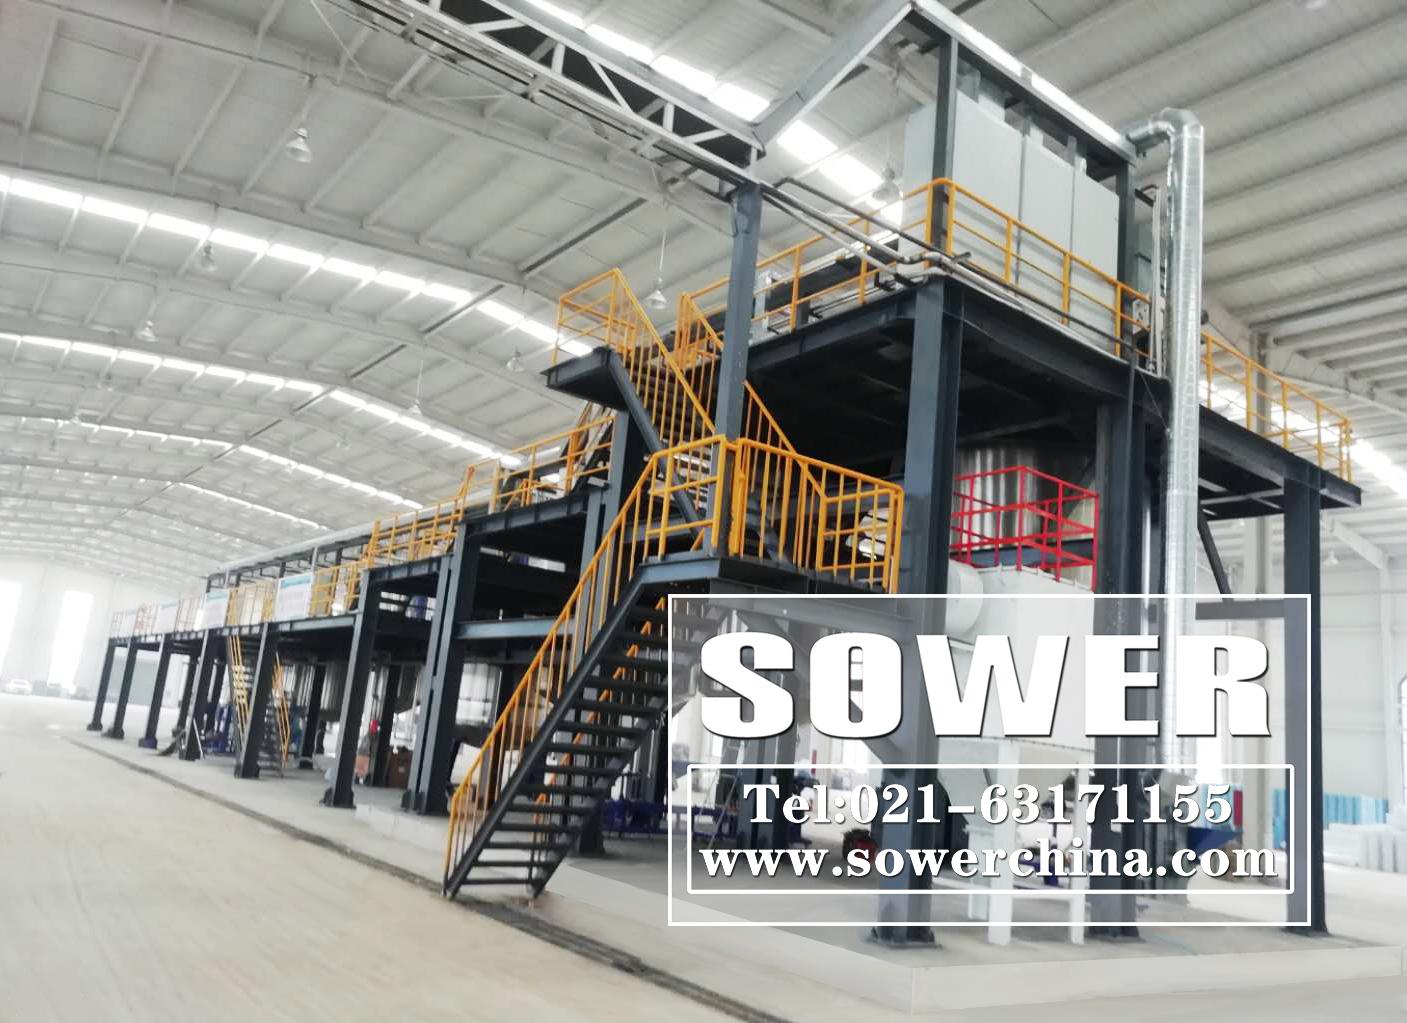 SOWER又一个年产十万吨建筑涂料生产线顺利竣工投产